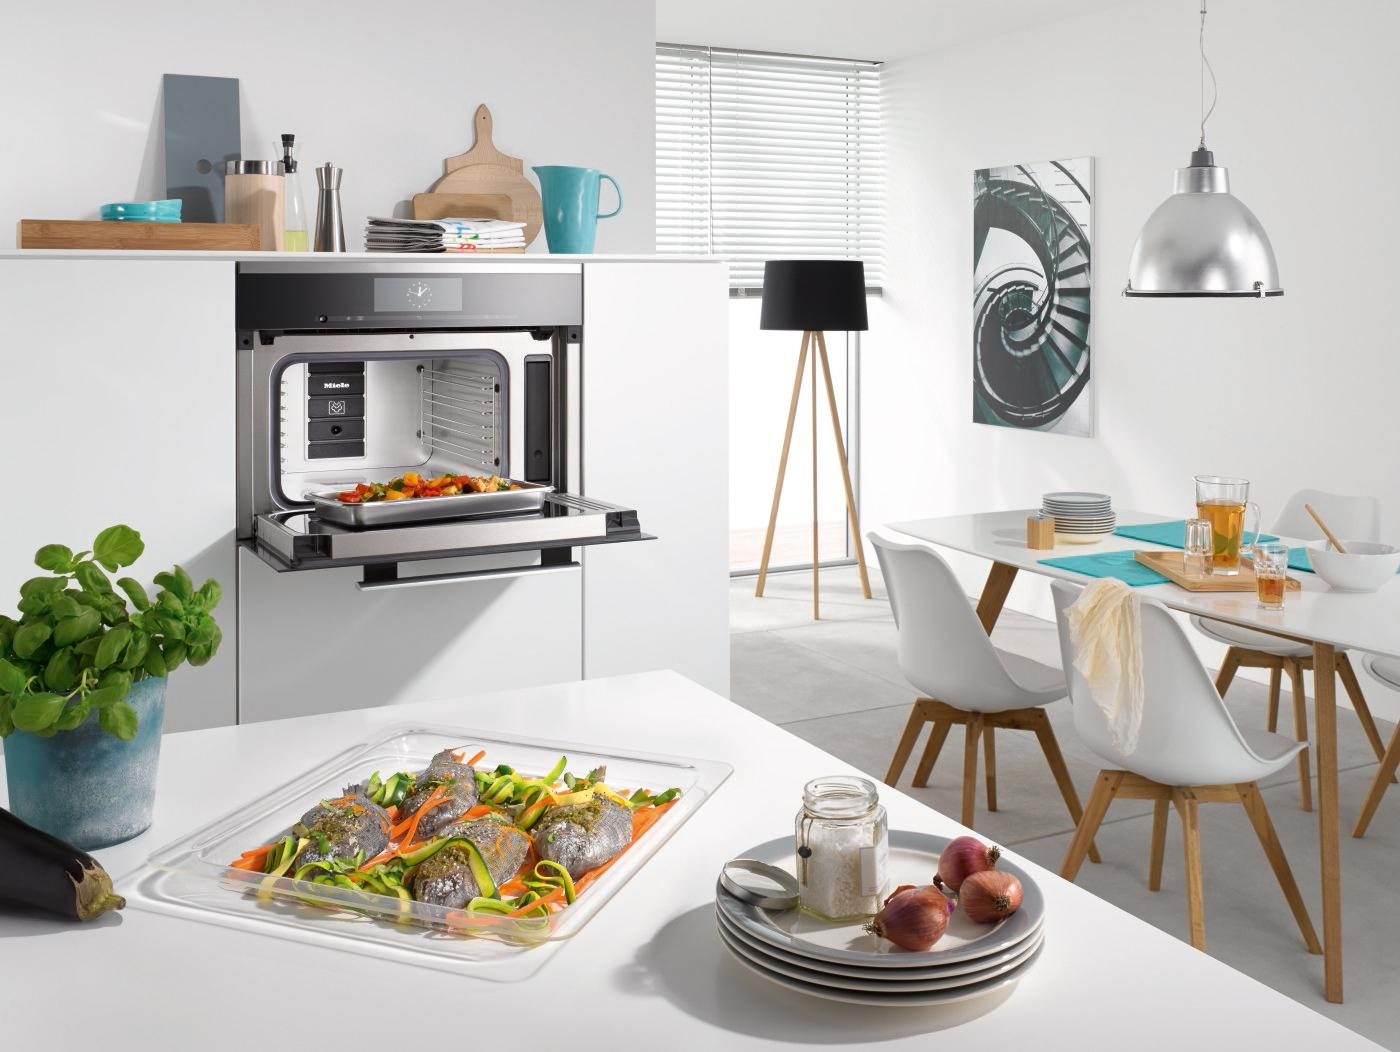 Mobiletto Per Appoggiare Microonde microonde freestanding o a incasso per una cucina senza